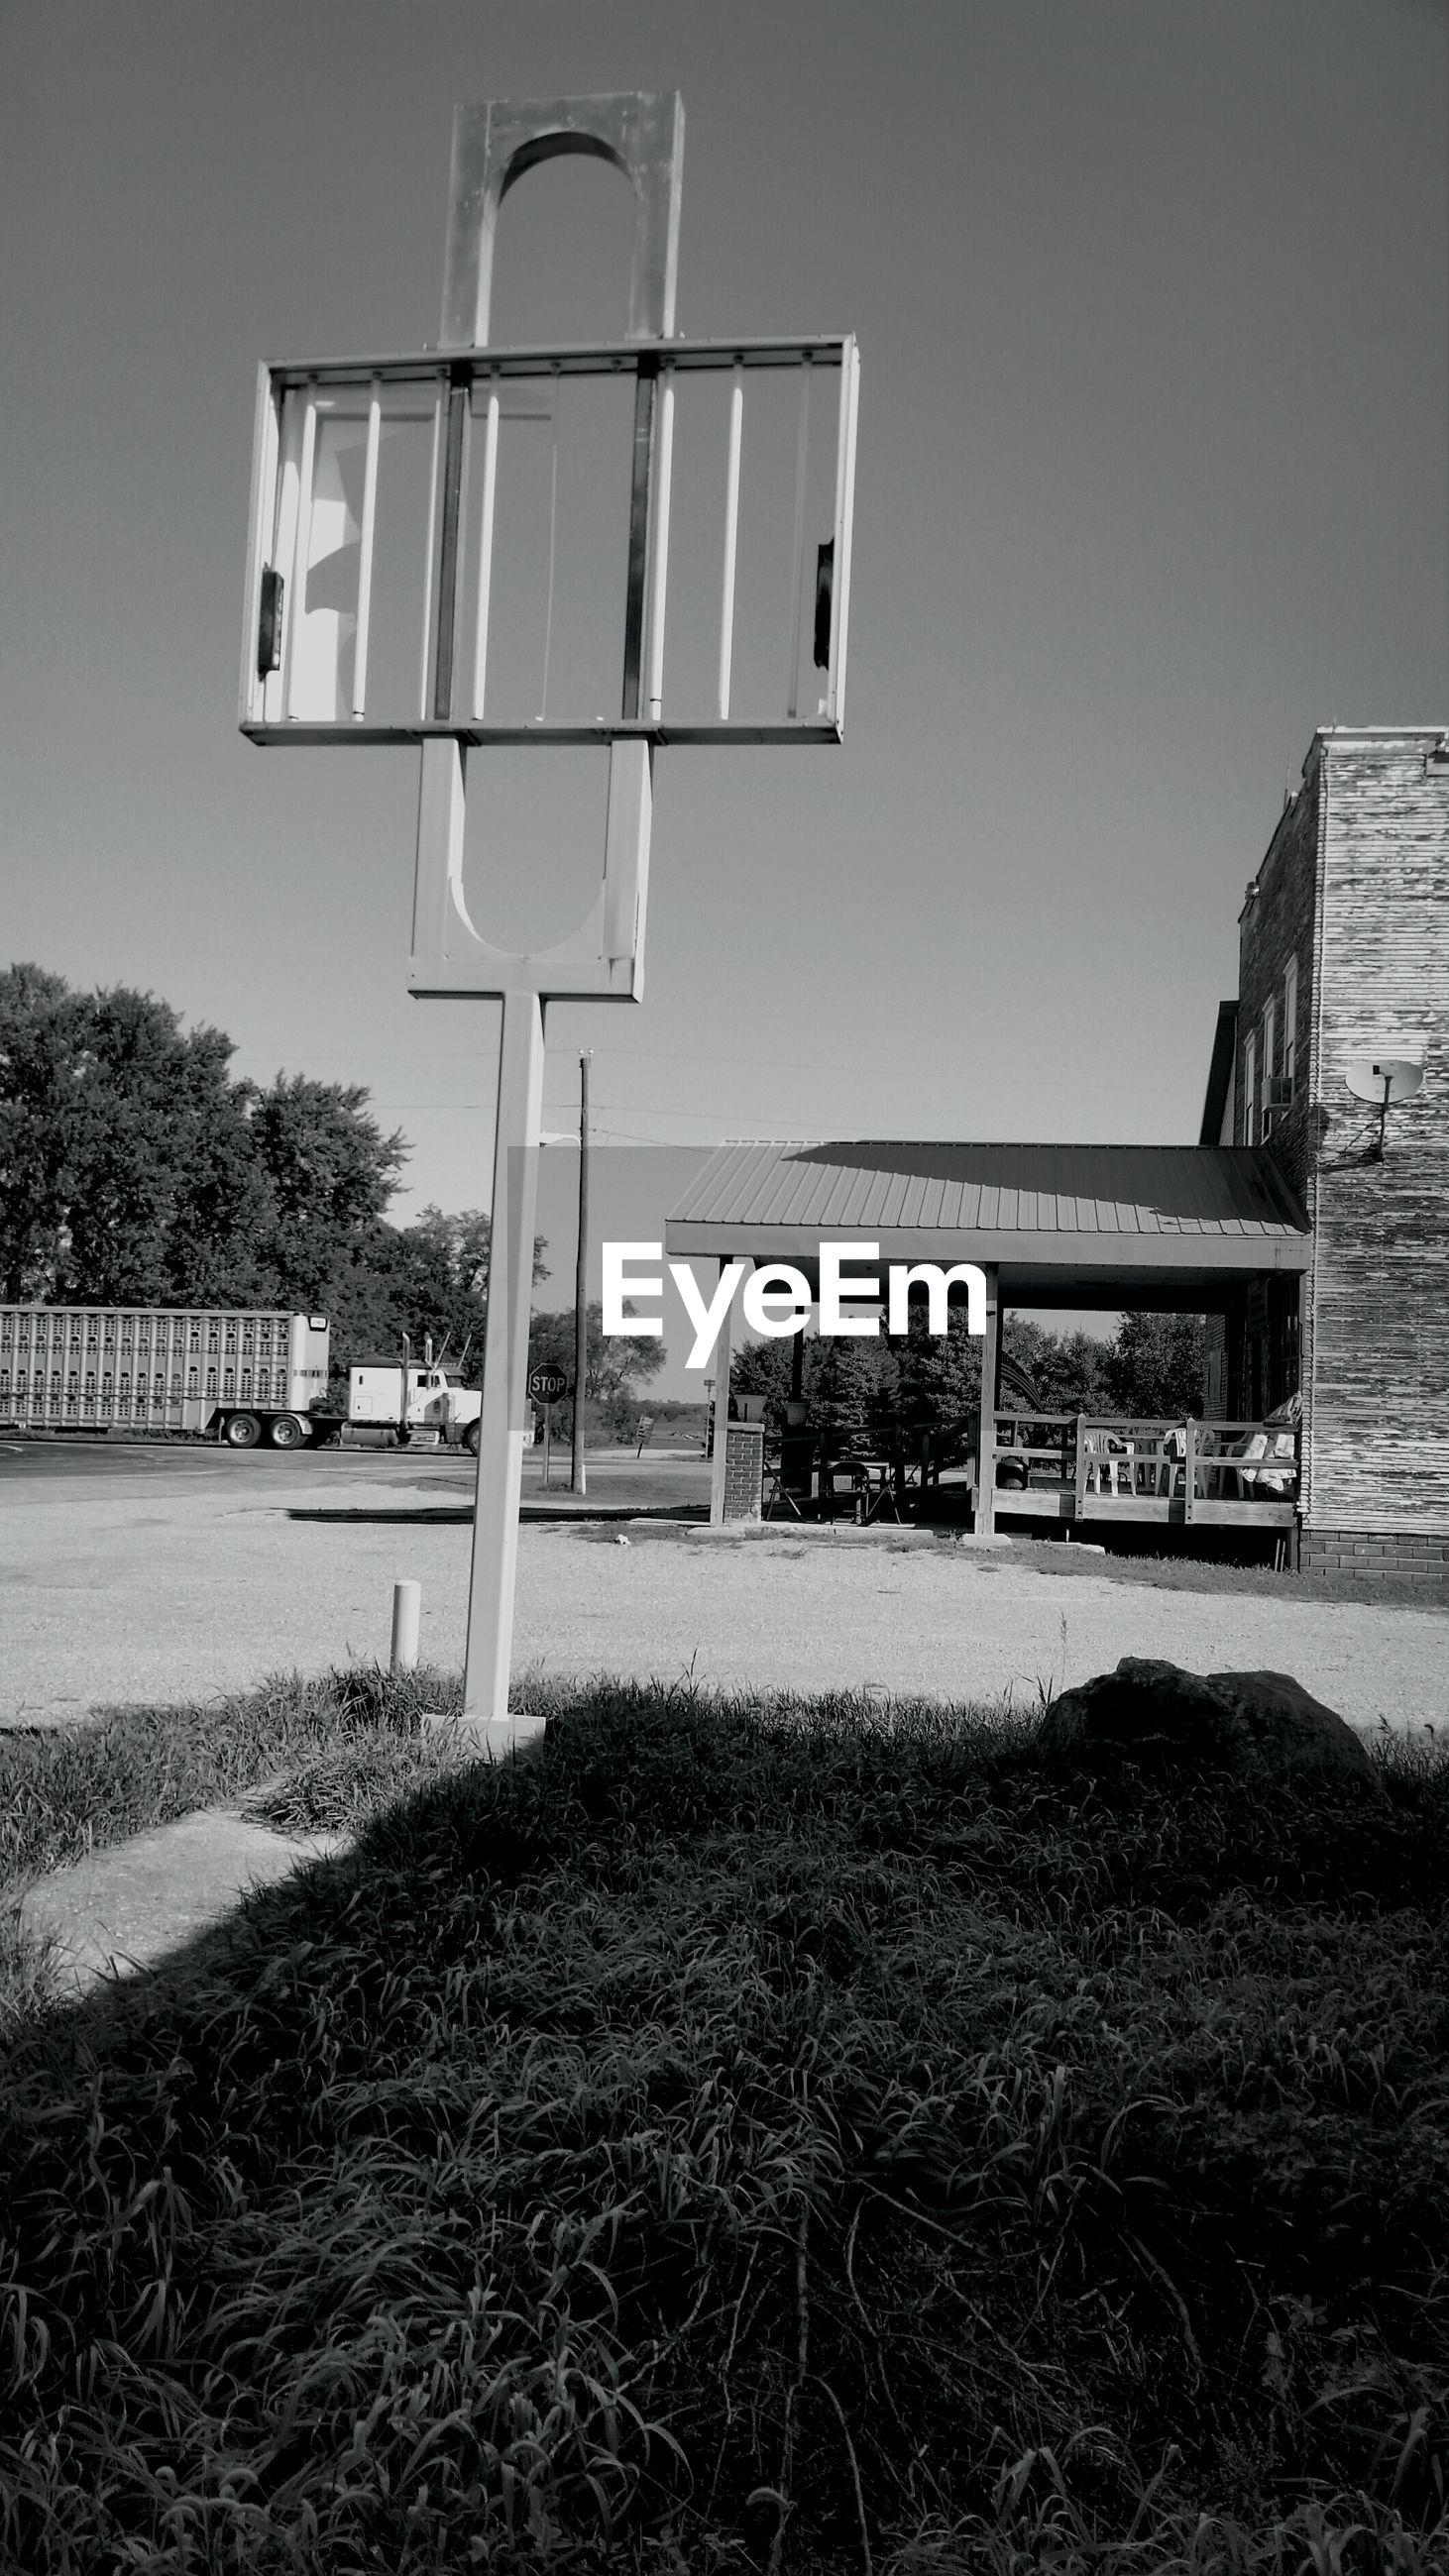 Empty billboard on street